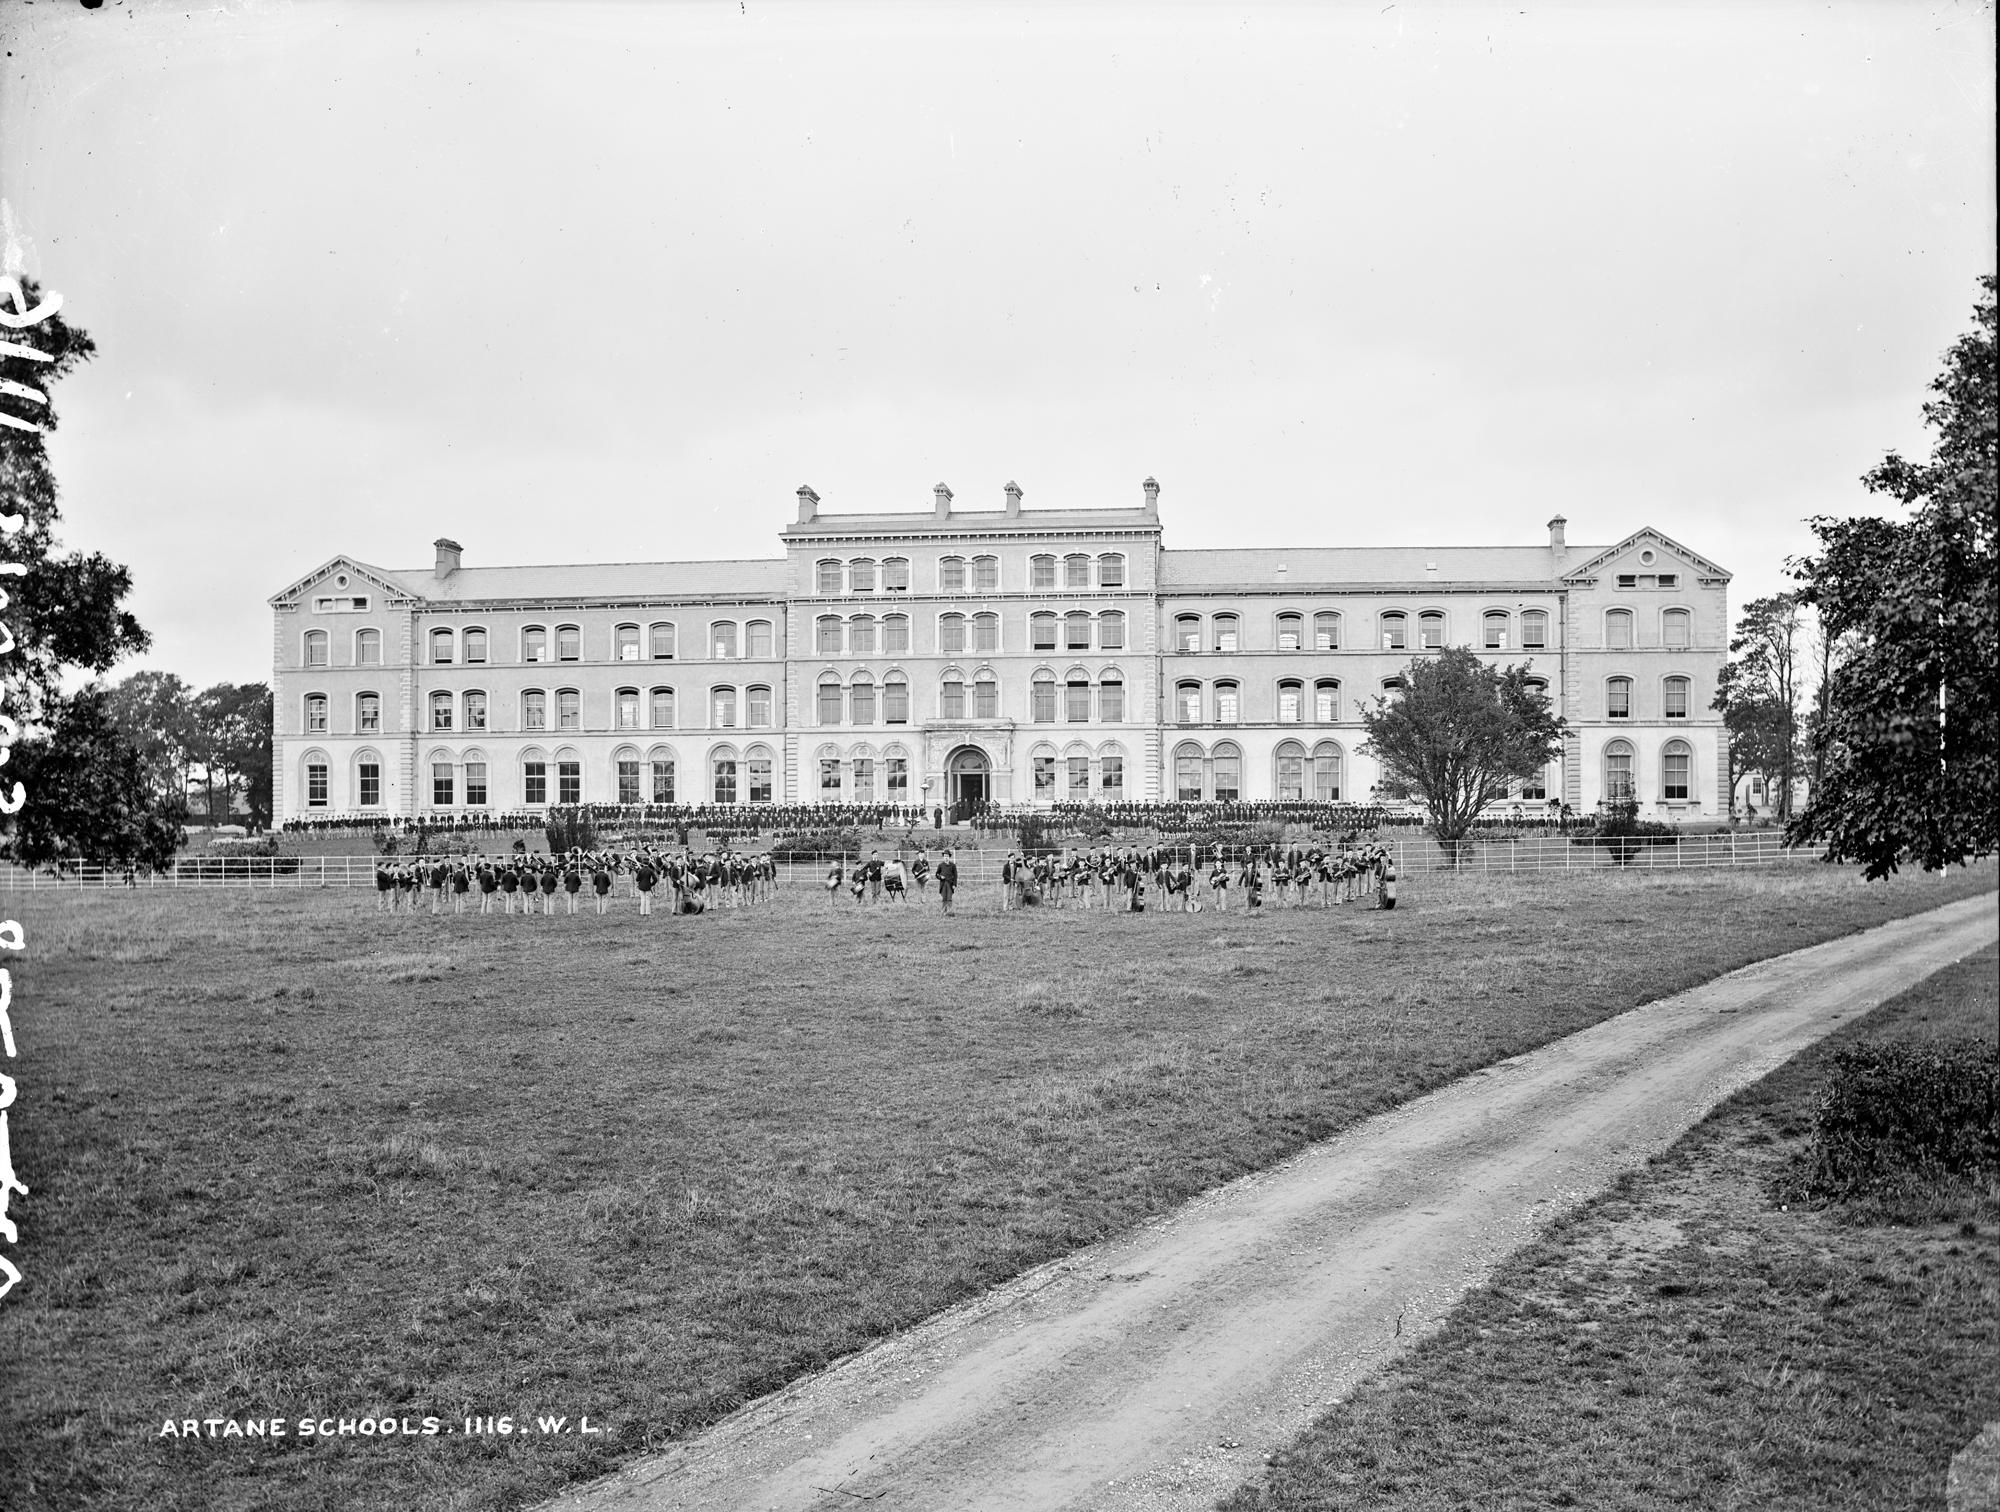 Schools, Artane, Dublin City, Co. Dublin